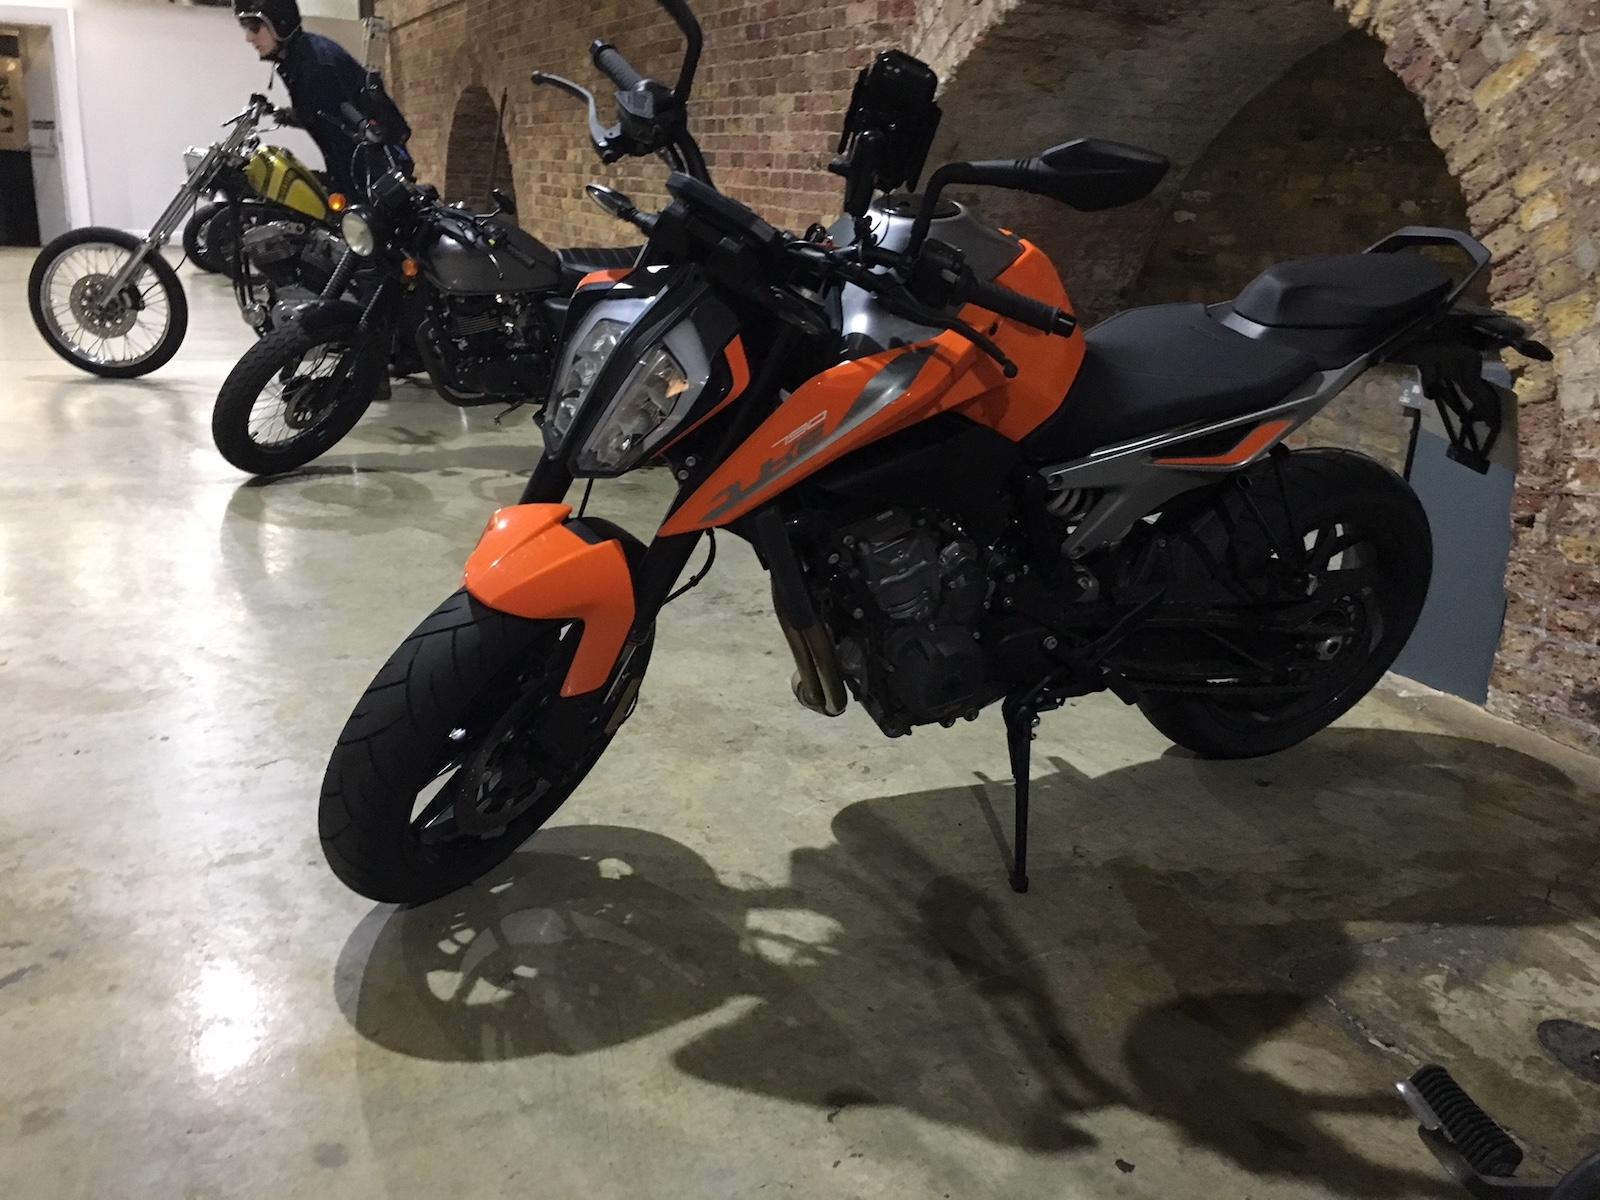 790 Duke in the Bike Shed bike park